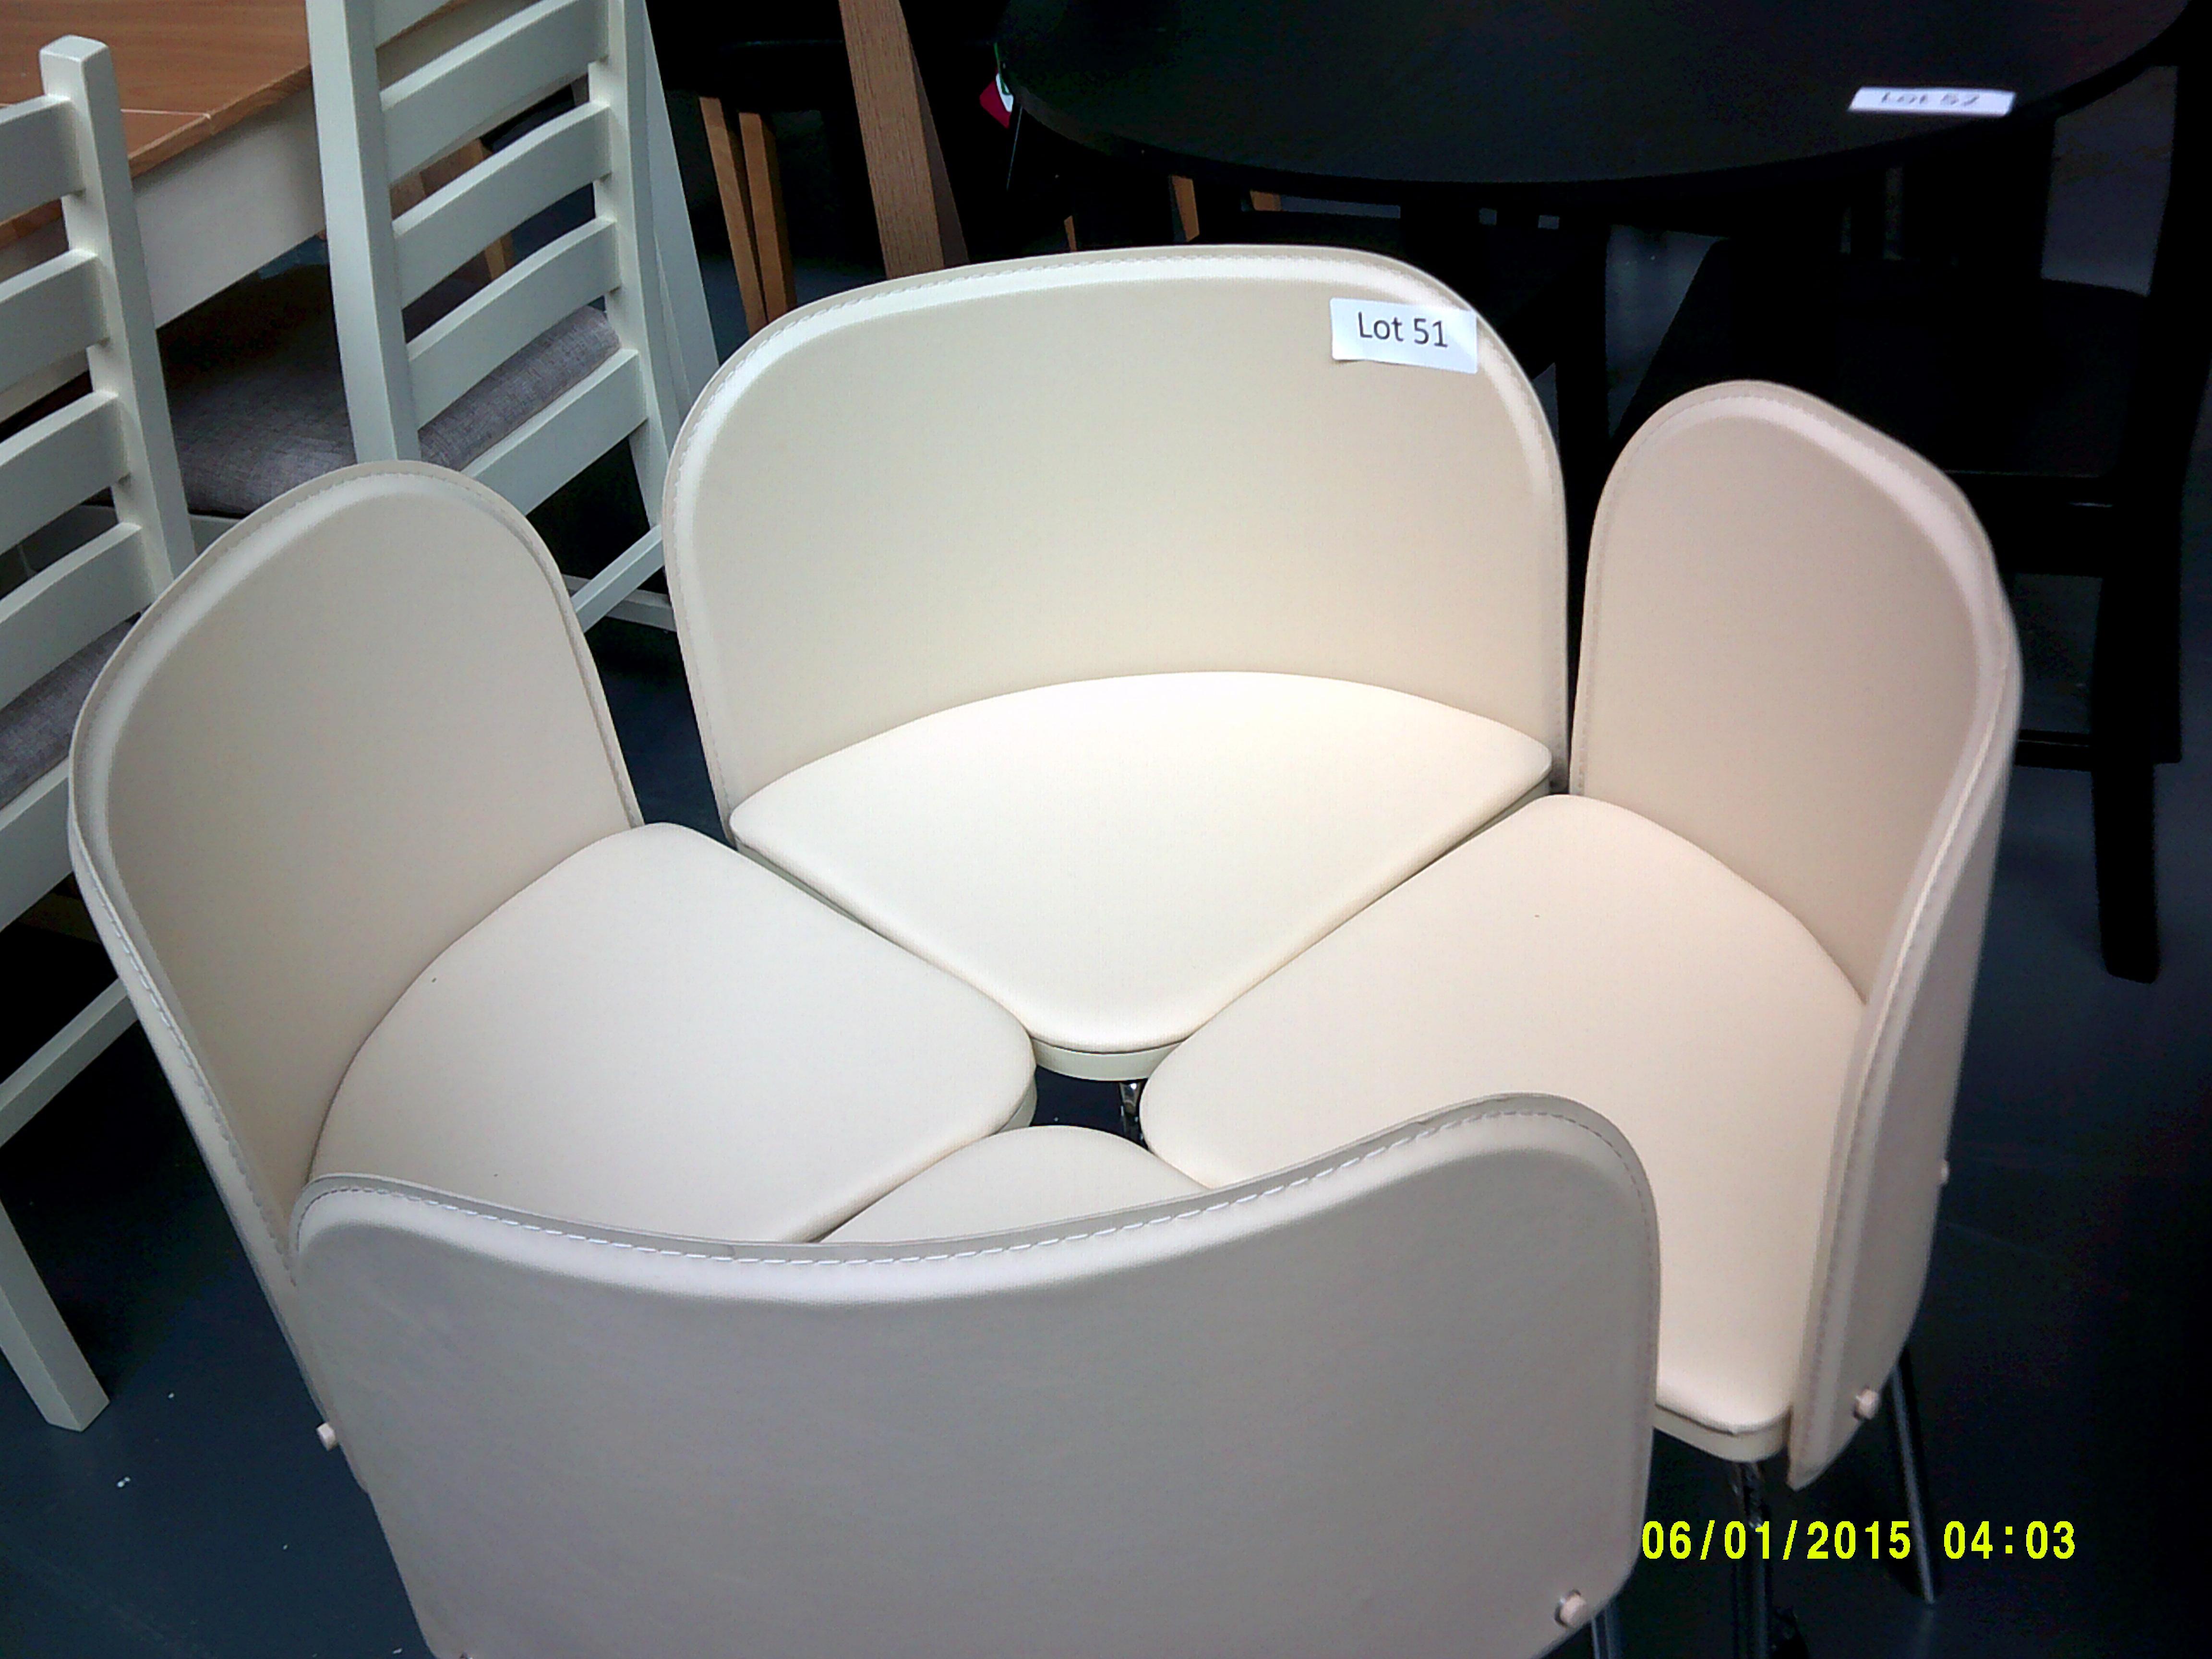 Lot 51 - 4 Cream Chairs Customer Returns